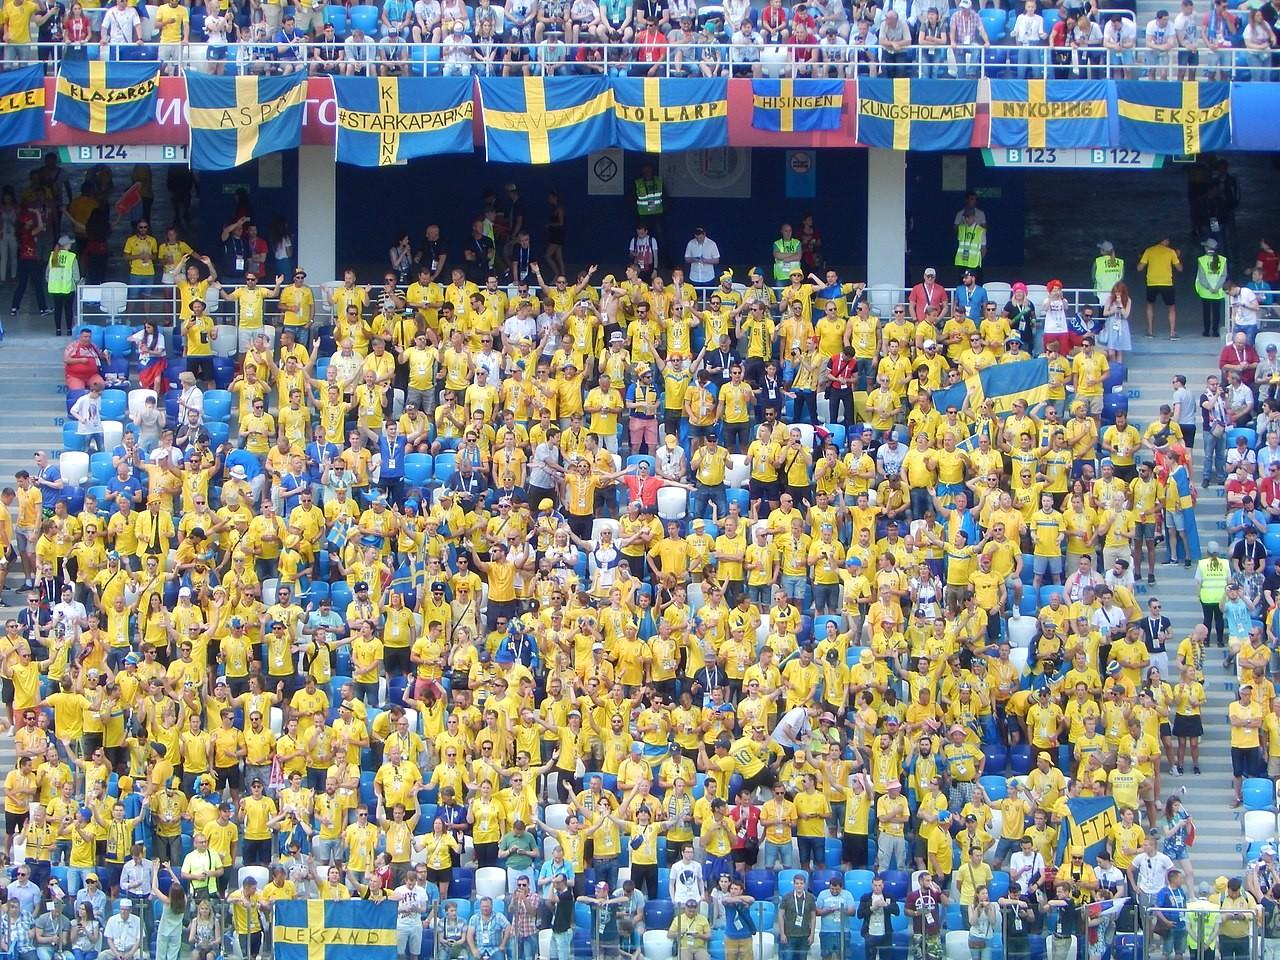 Szwecja – Polska, czyli mecz o wszystko na Euro 2020